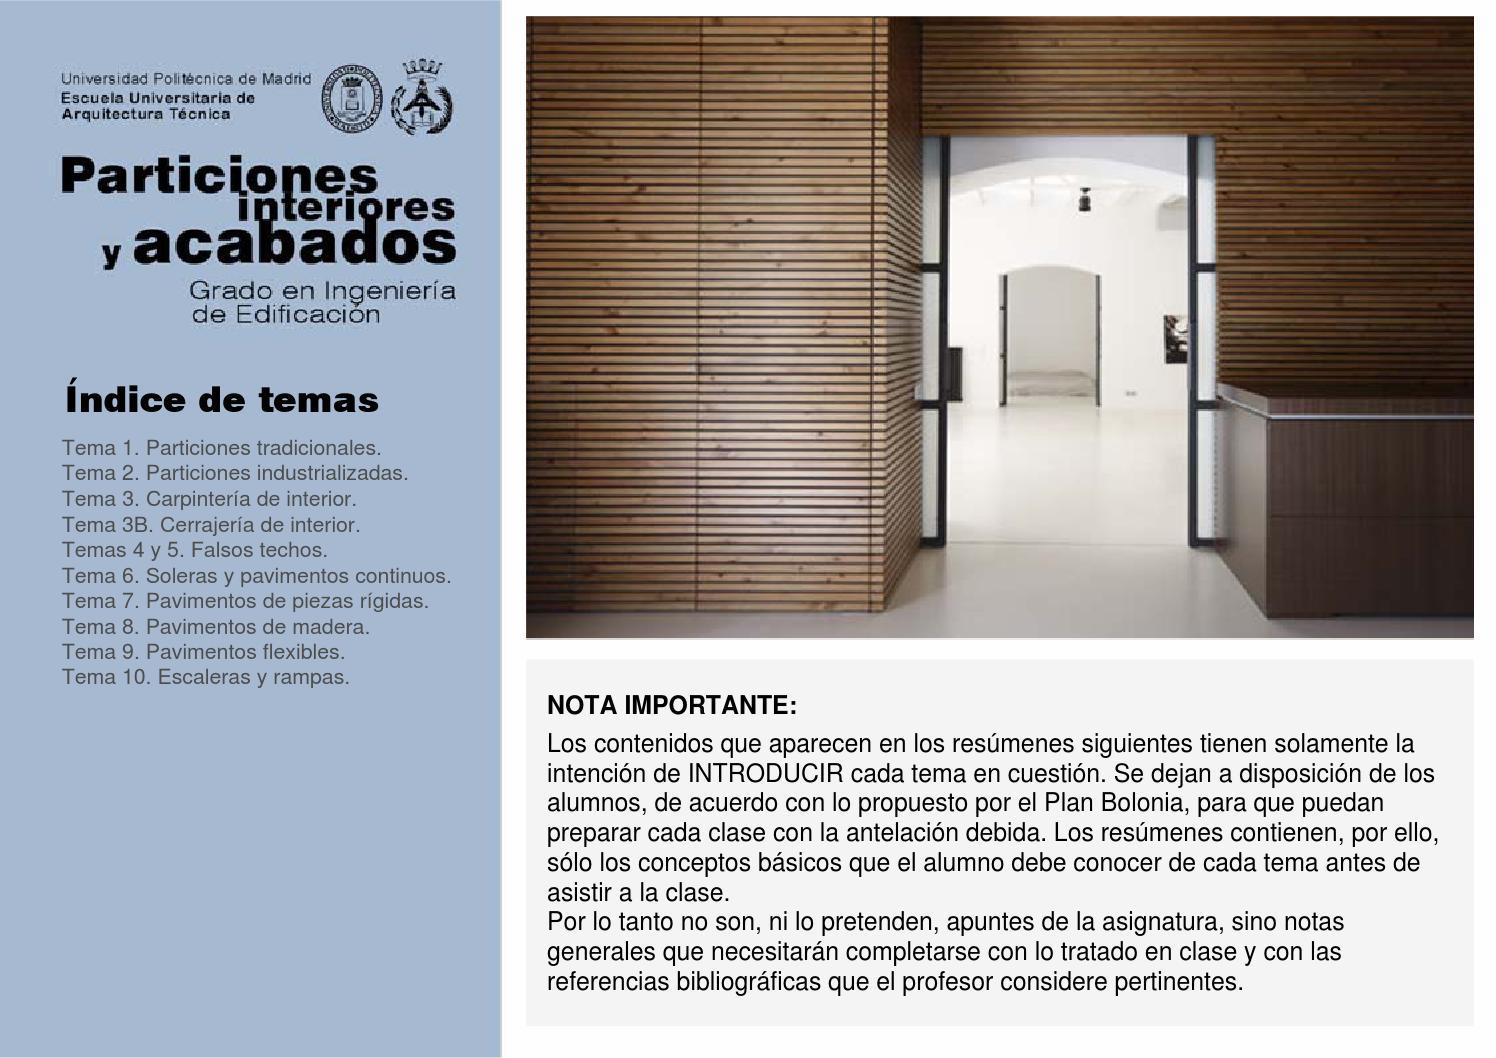 Resumen apuntes particiones y acabados by Fachadas Cubiertas - issuu